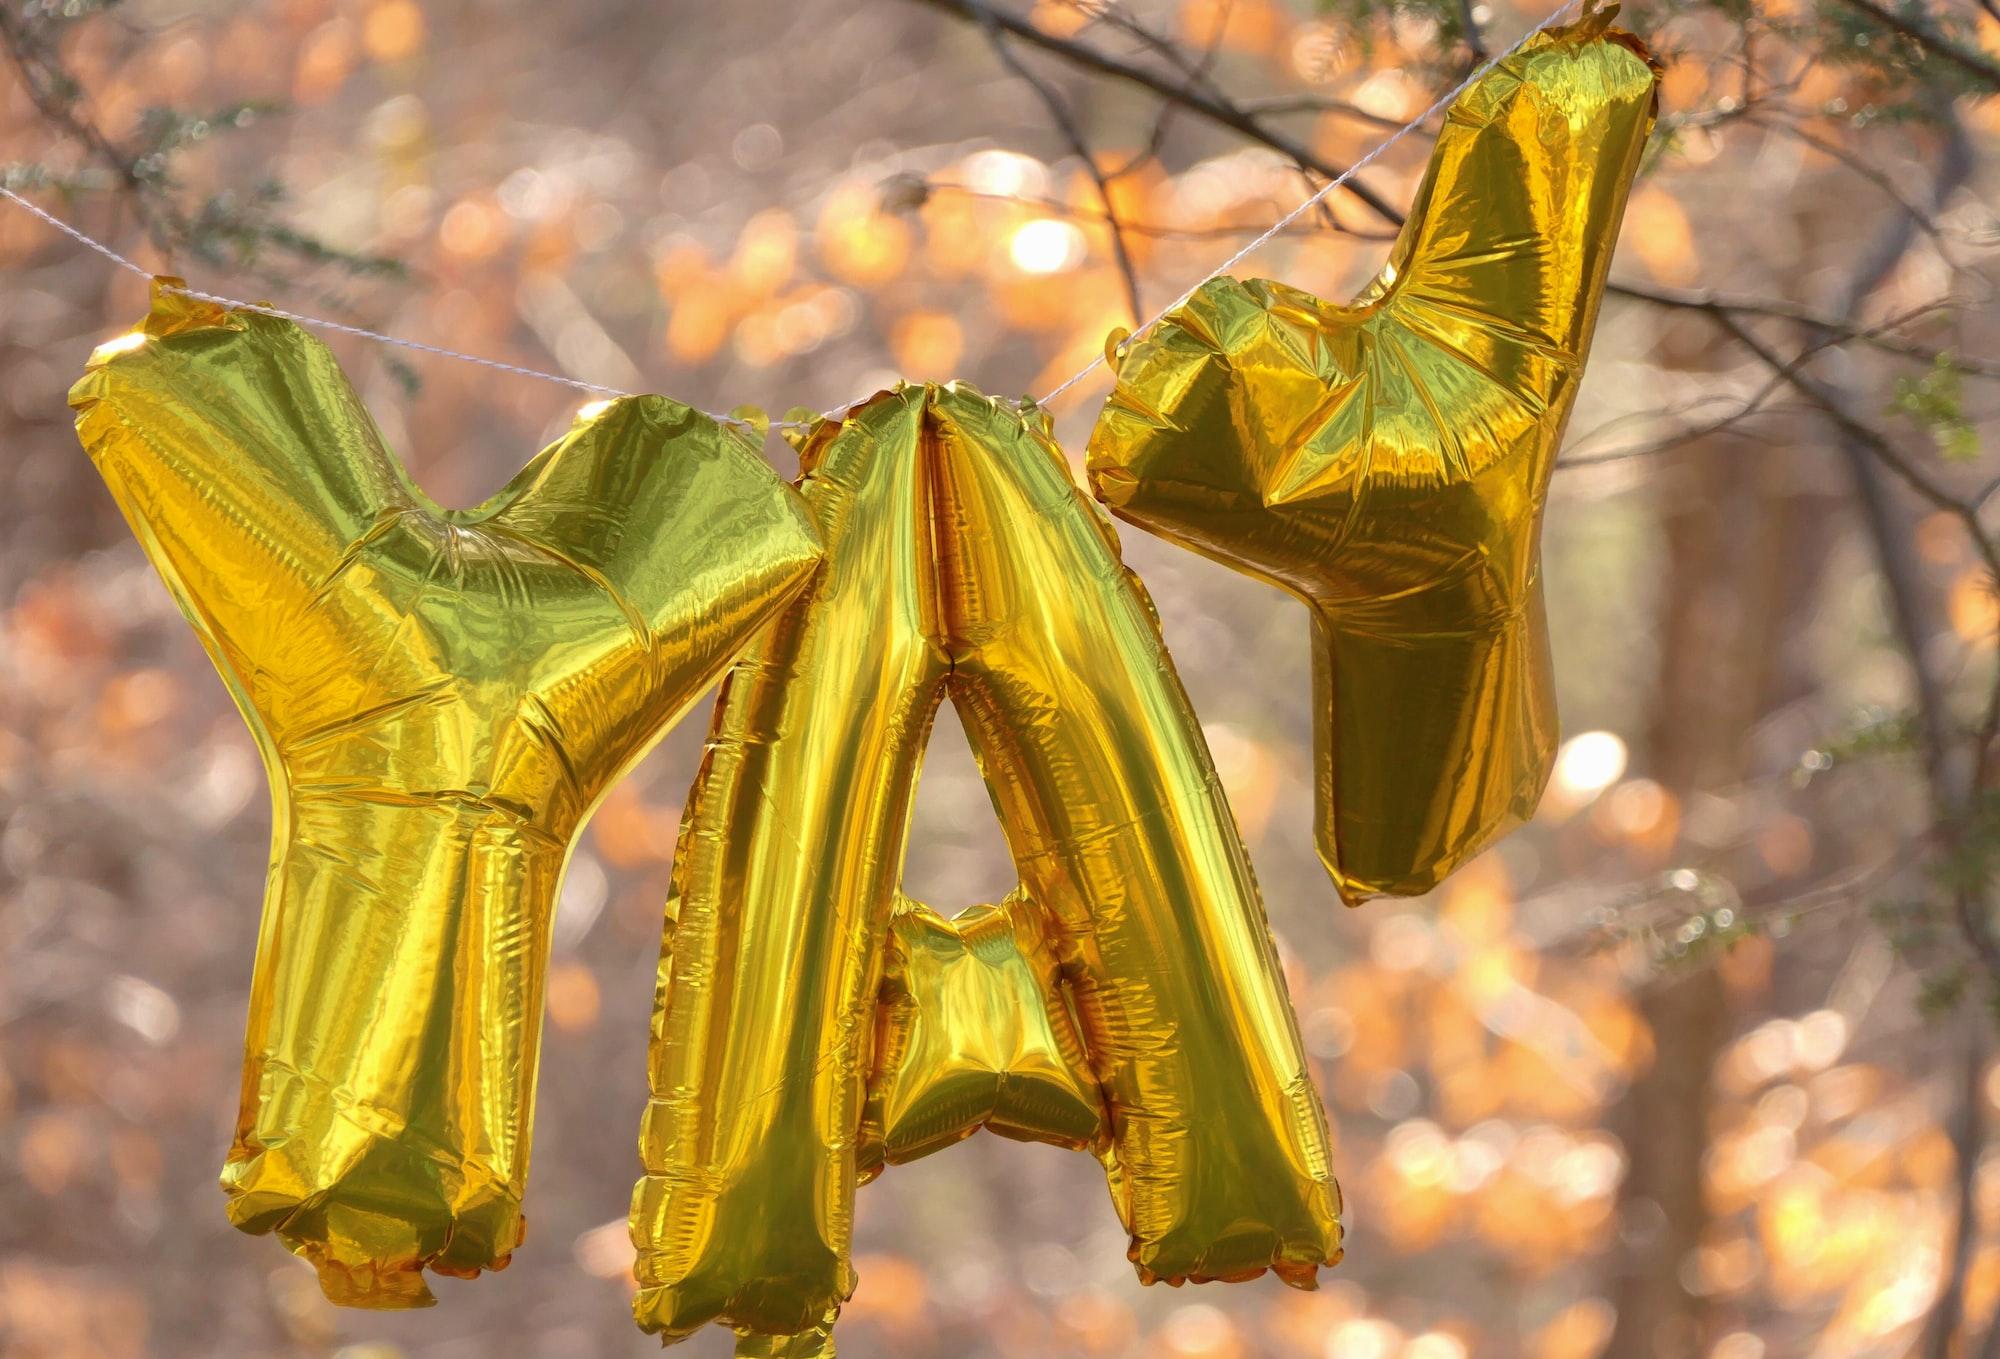 YAY celebrating hope and newness